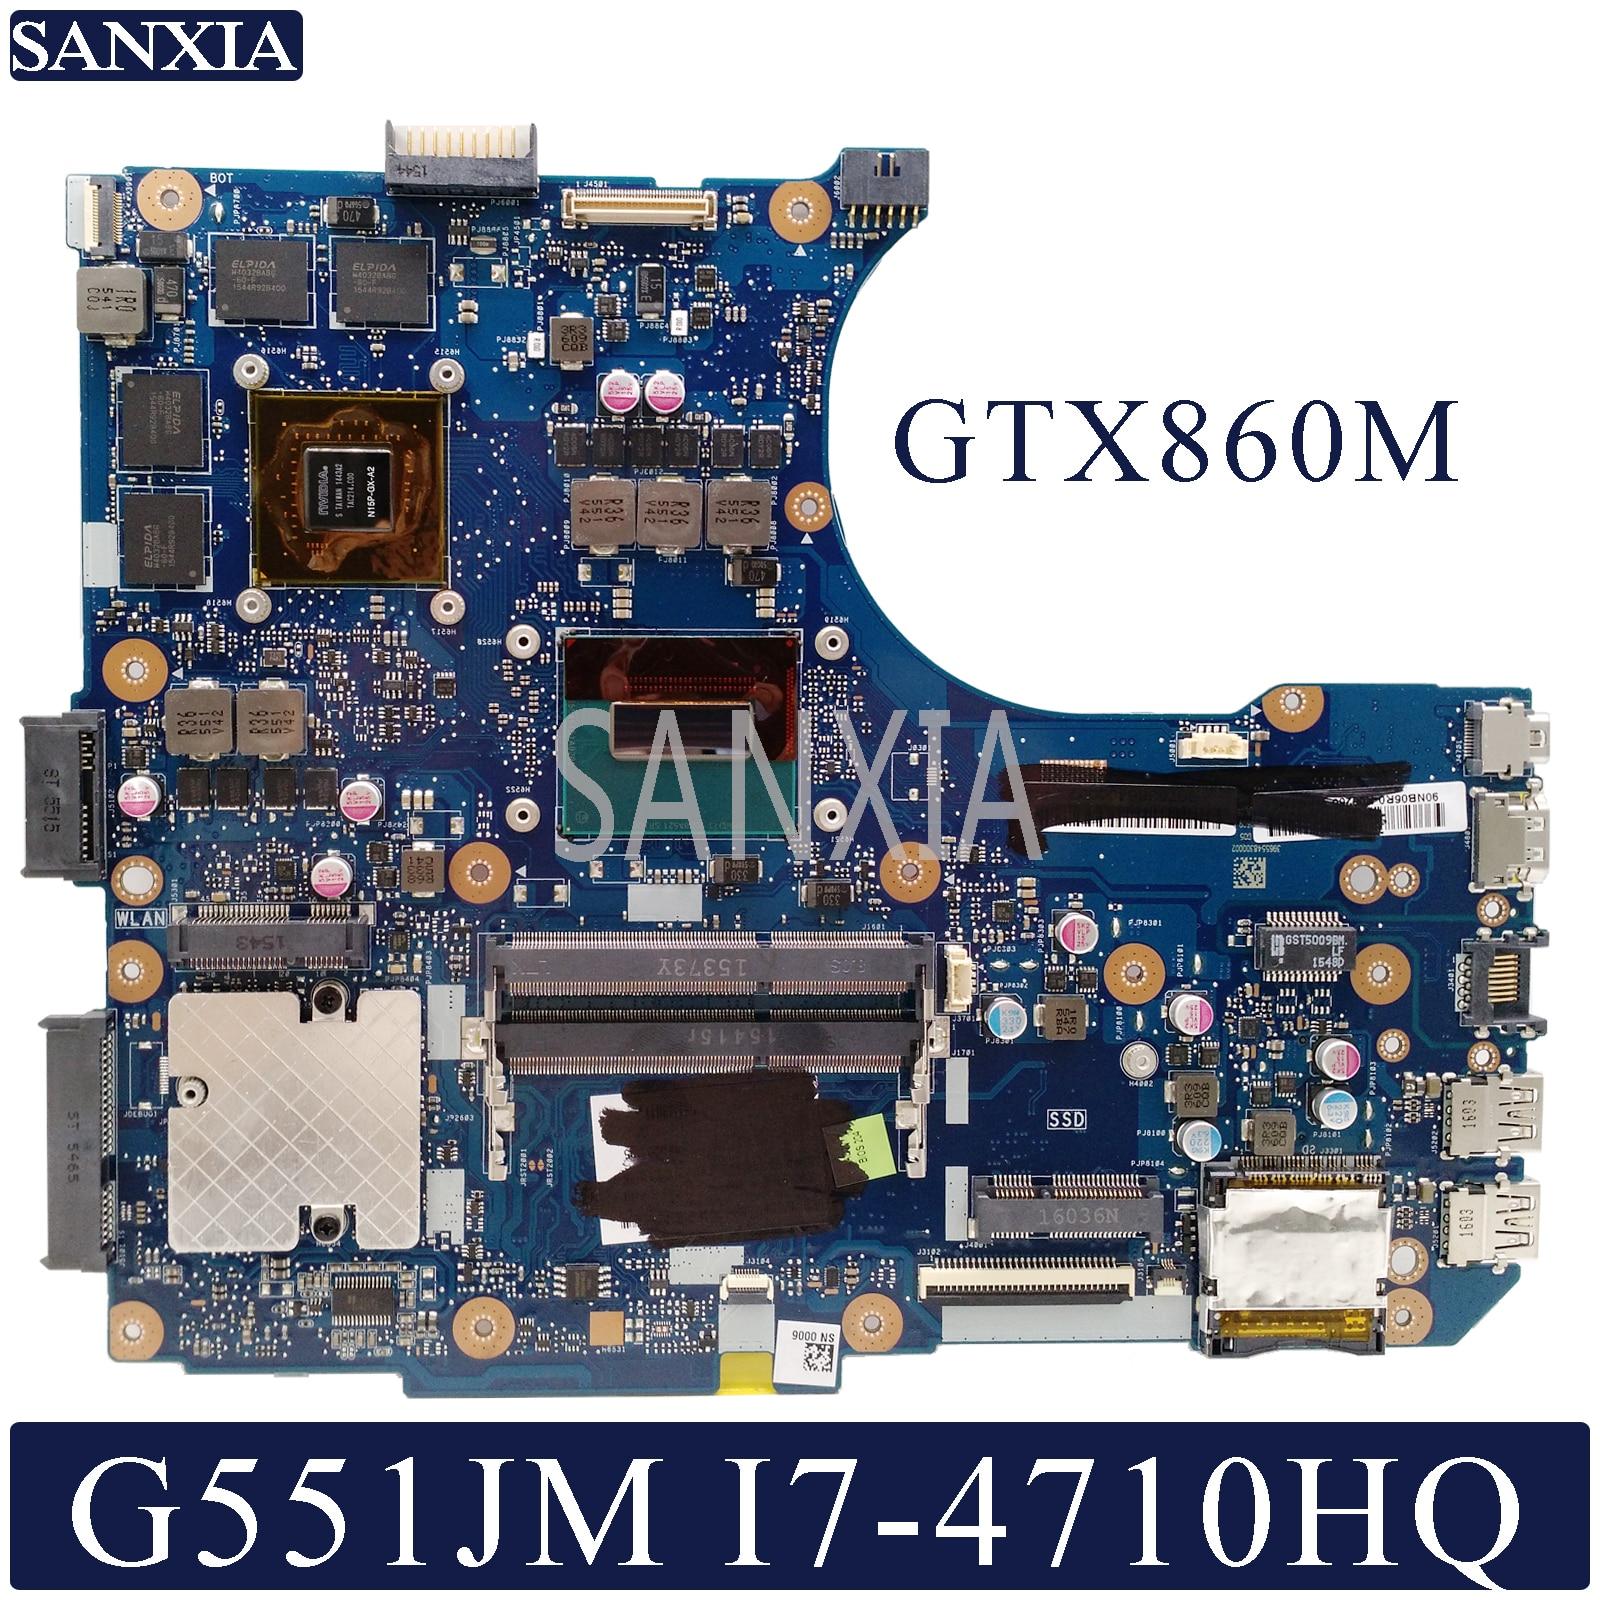 KEFU N551JM Laptop Motherboard For ASUS ROG G551JM G551JW G551JK N551JK N551JW Original Mainboard I7-4710HQ GTX860M